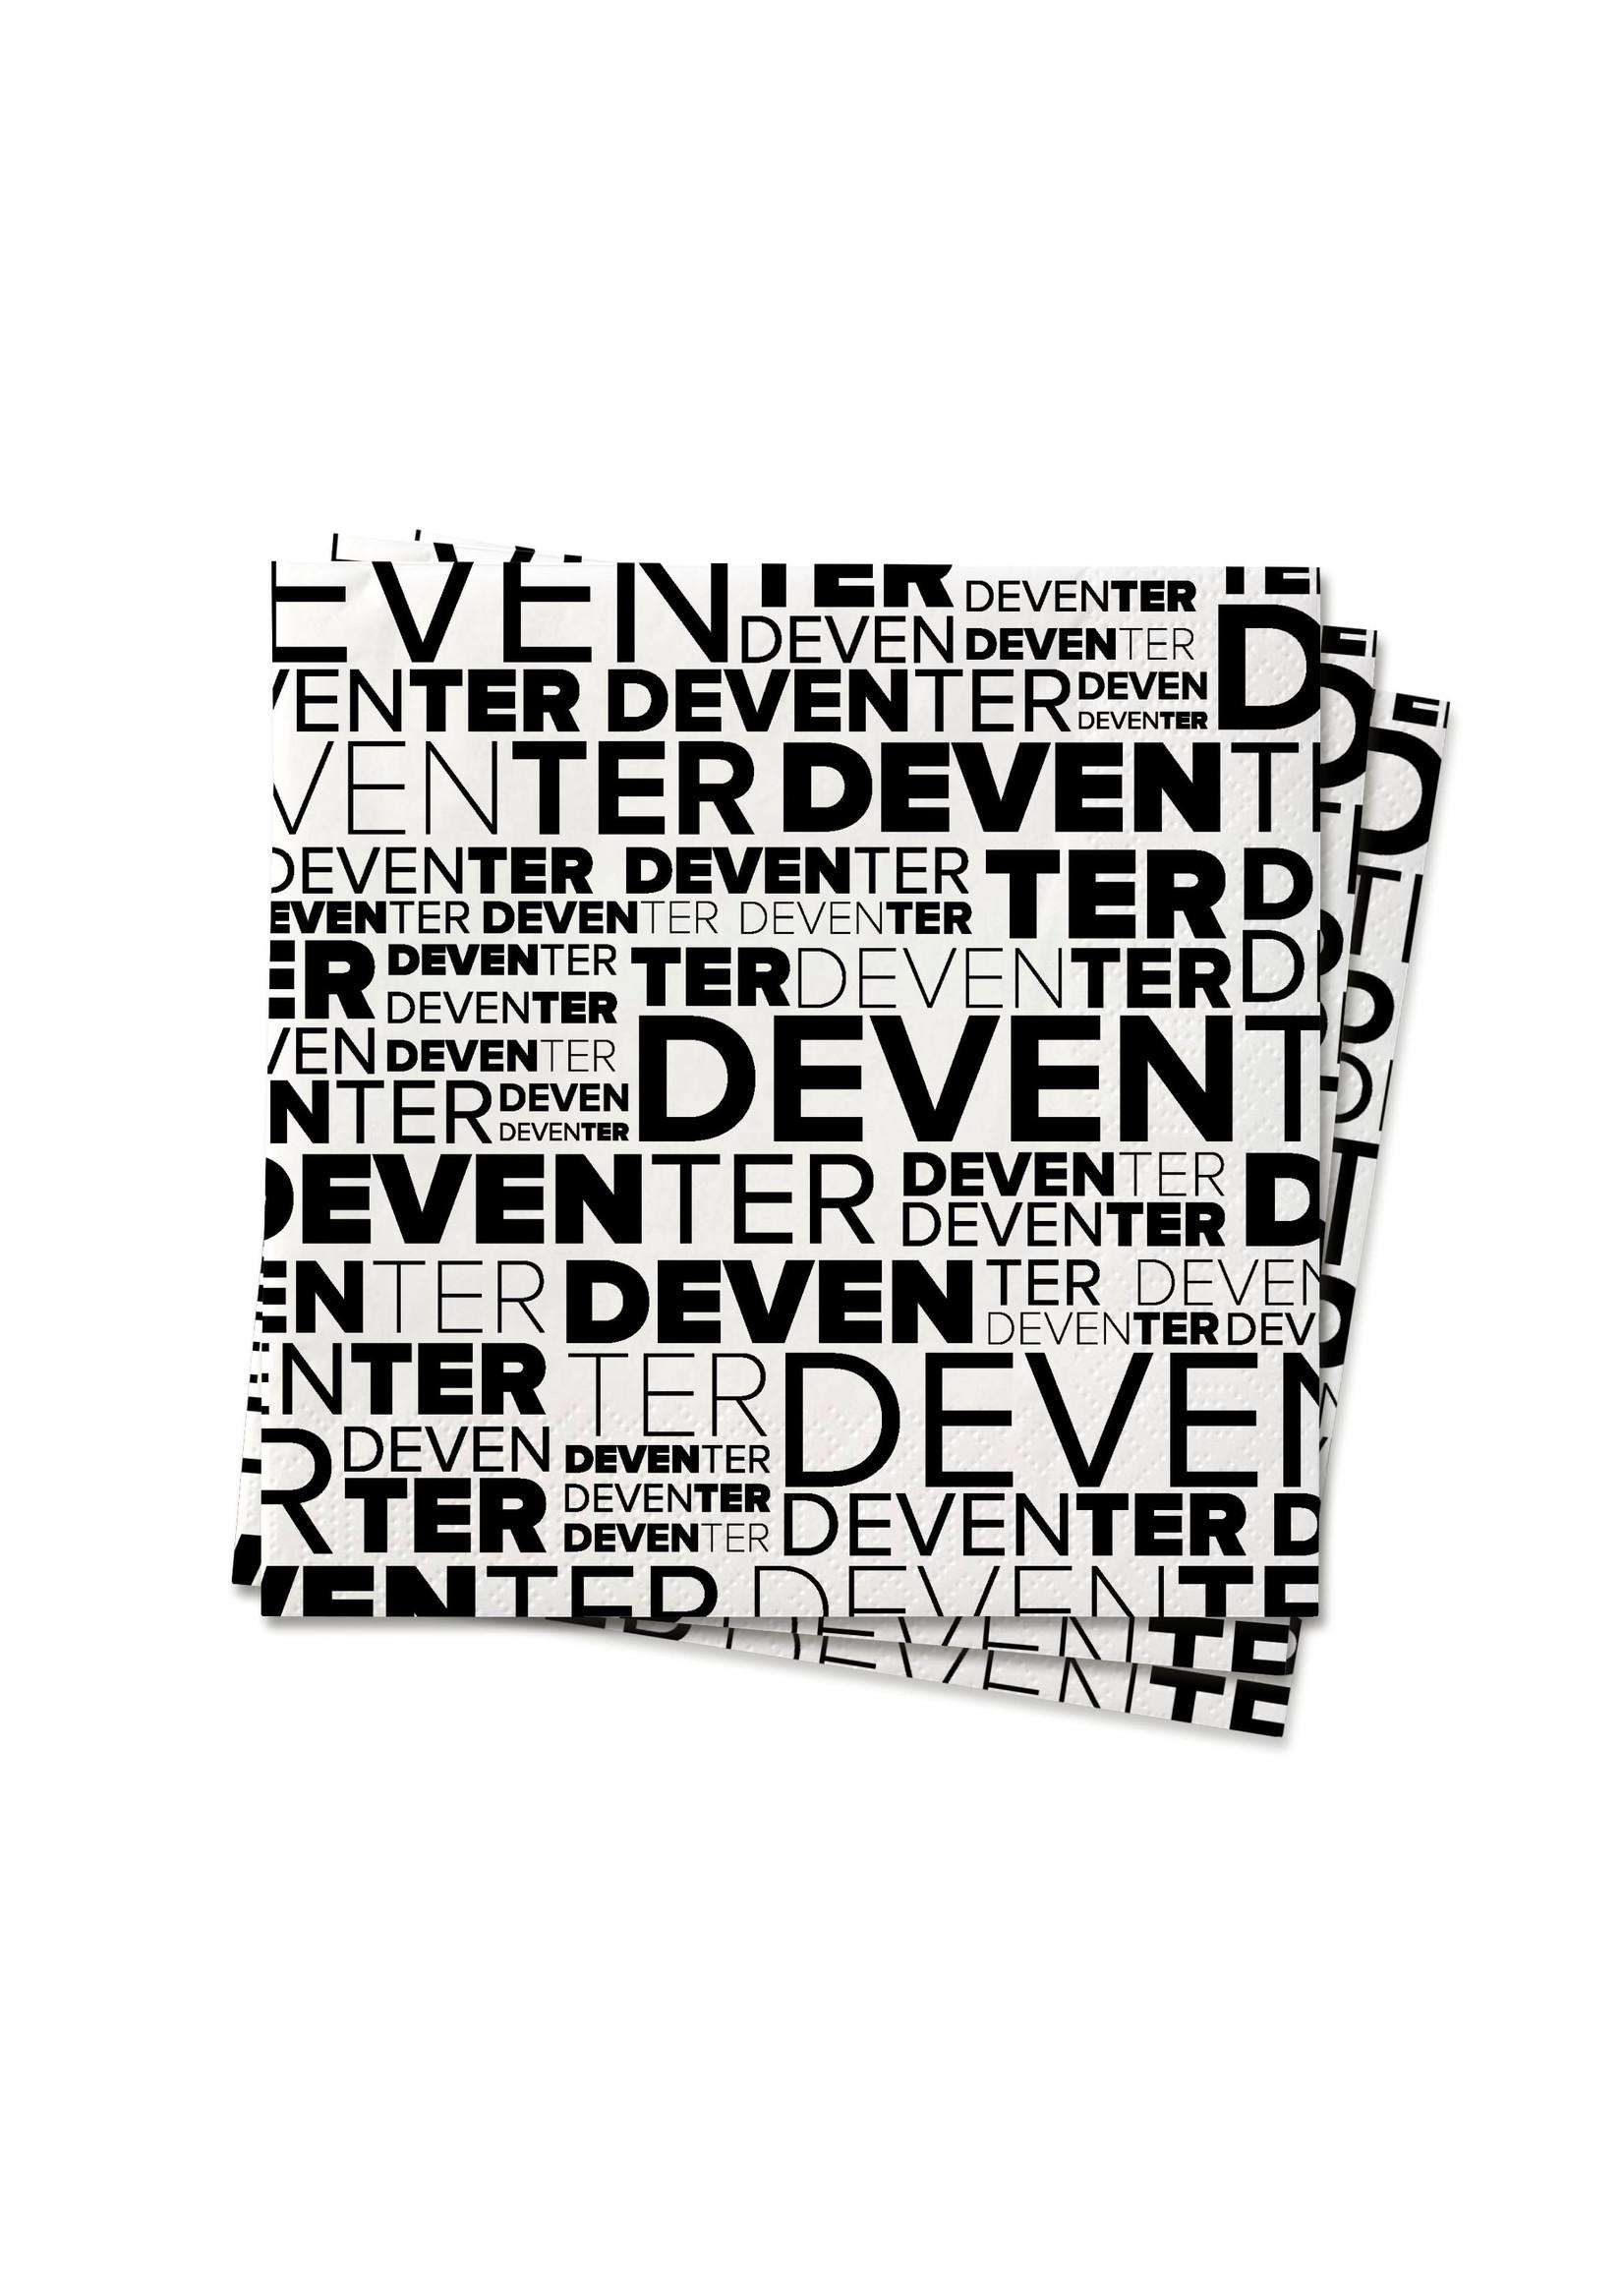 SERVETTEN DEVENTER